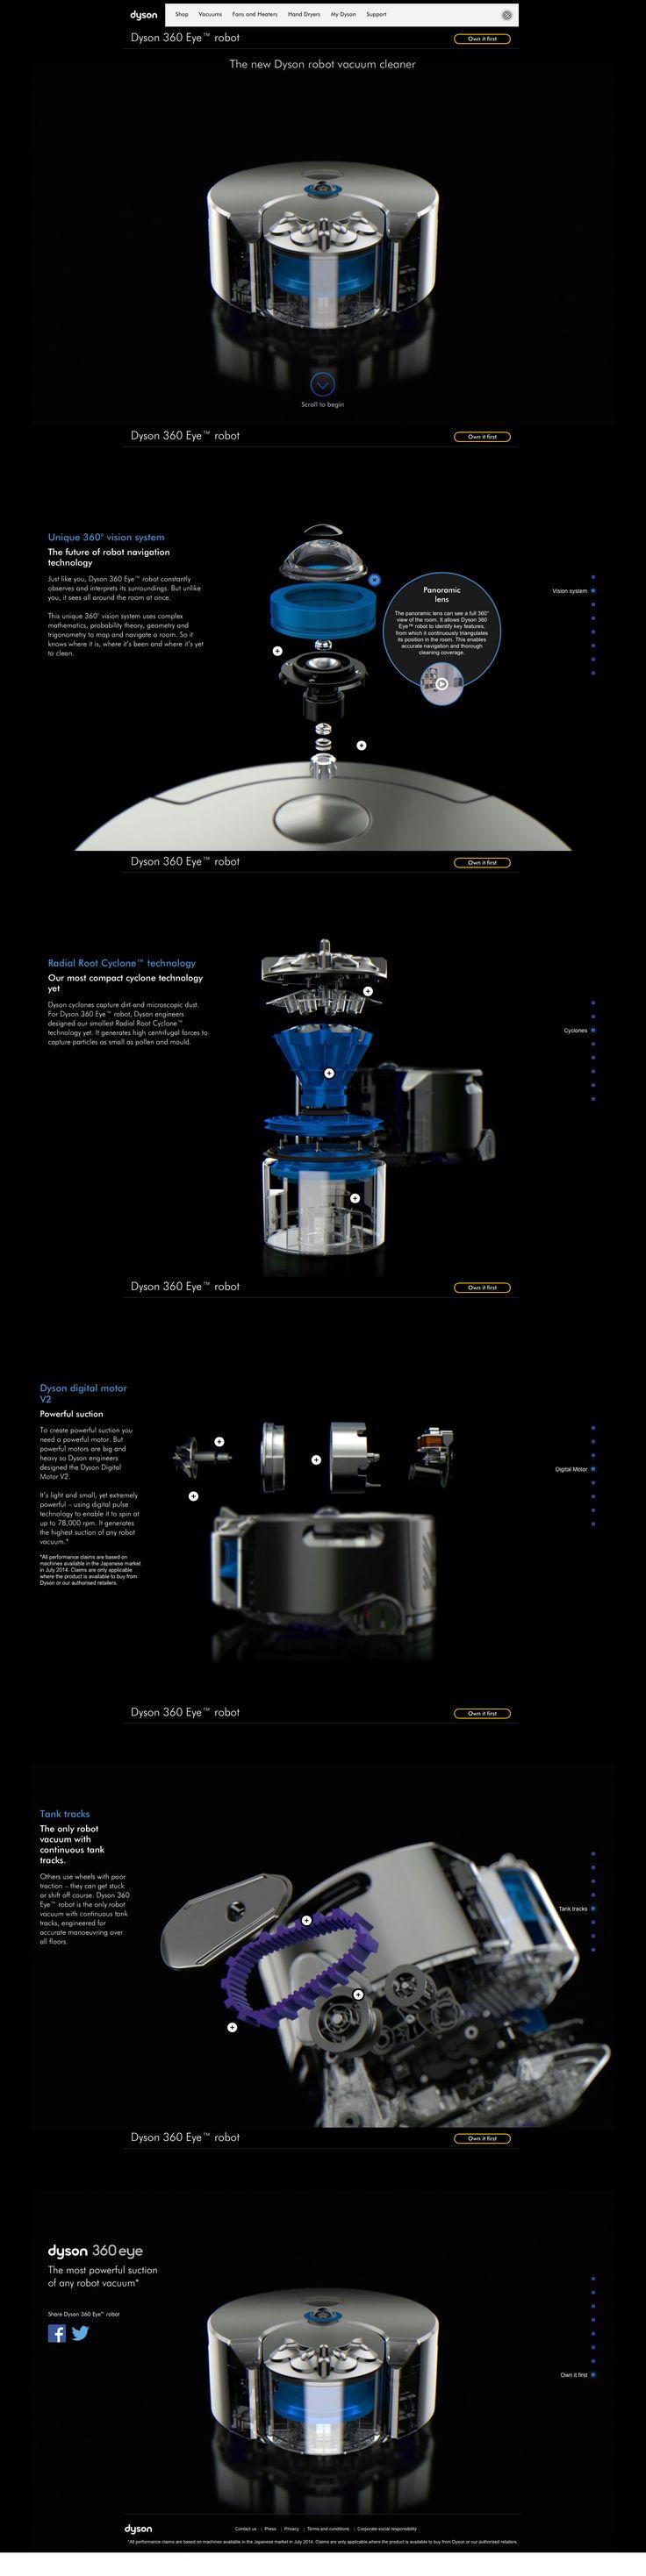 Dyson 360 Eye - Robot aspirateur #dyson